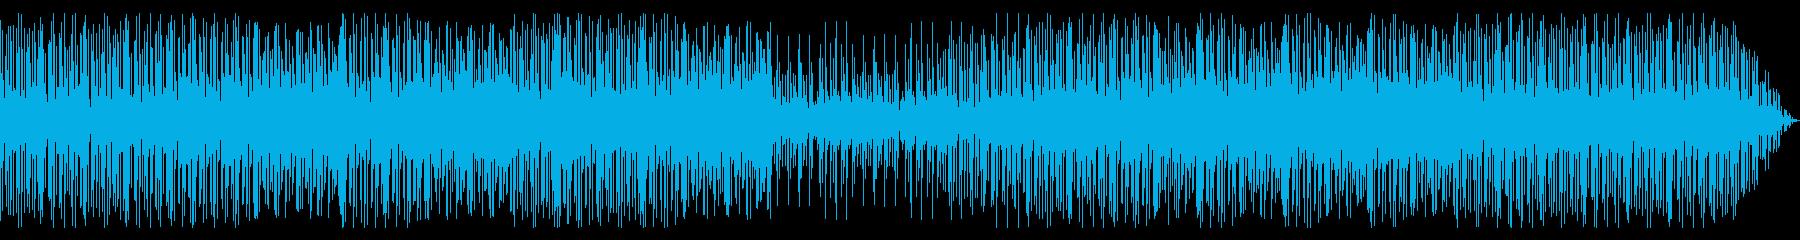 アイヌ×ビッグビート 狩り 狩猟の再生済みの波形